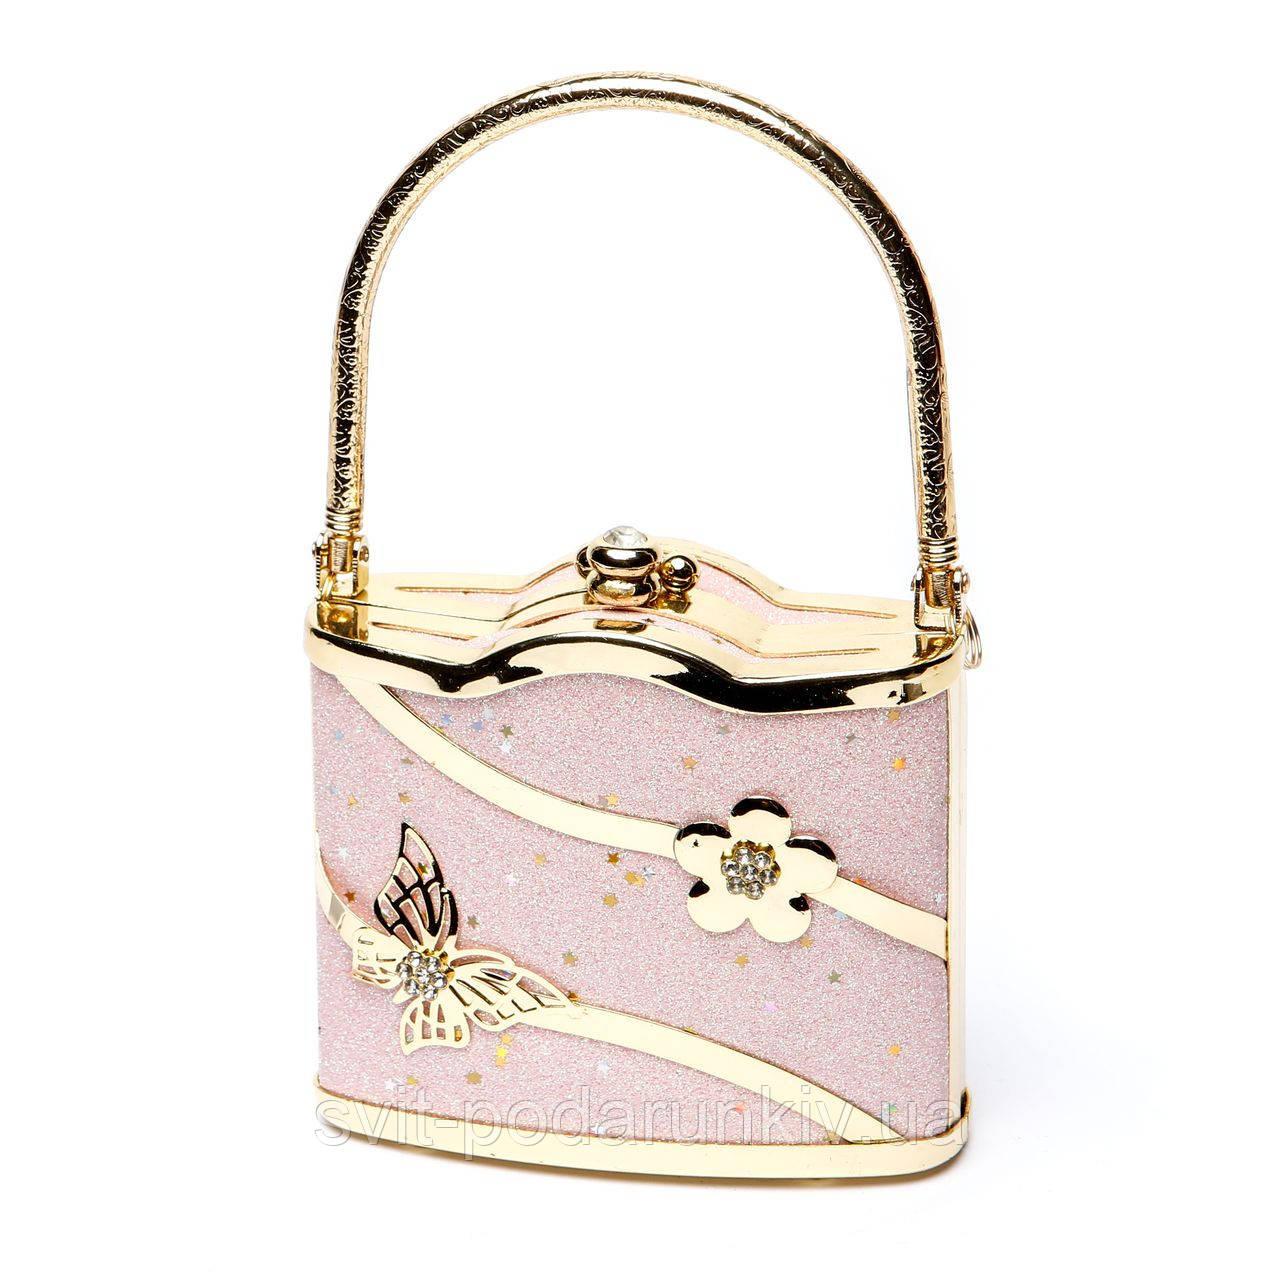 Розовая сумочка для денег и личных вещей S02